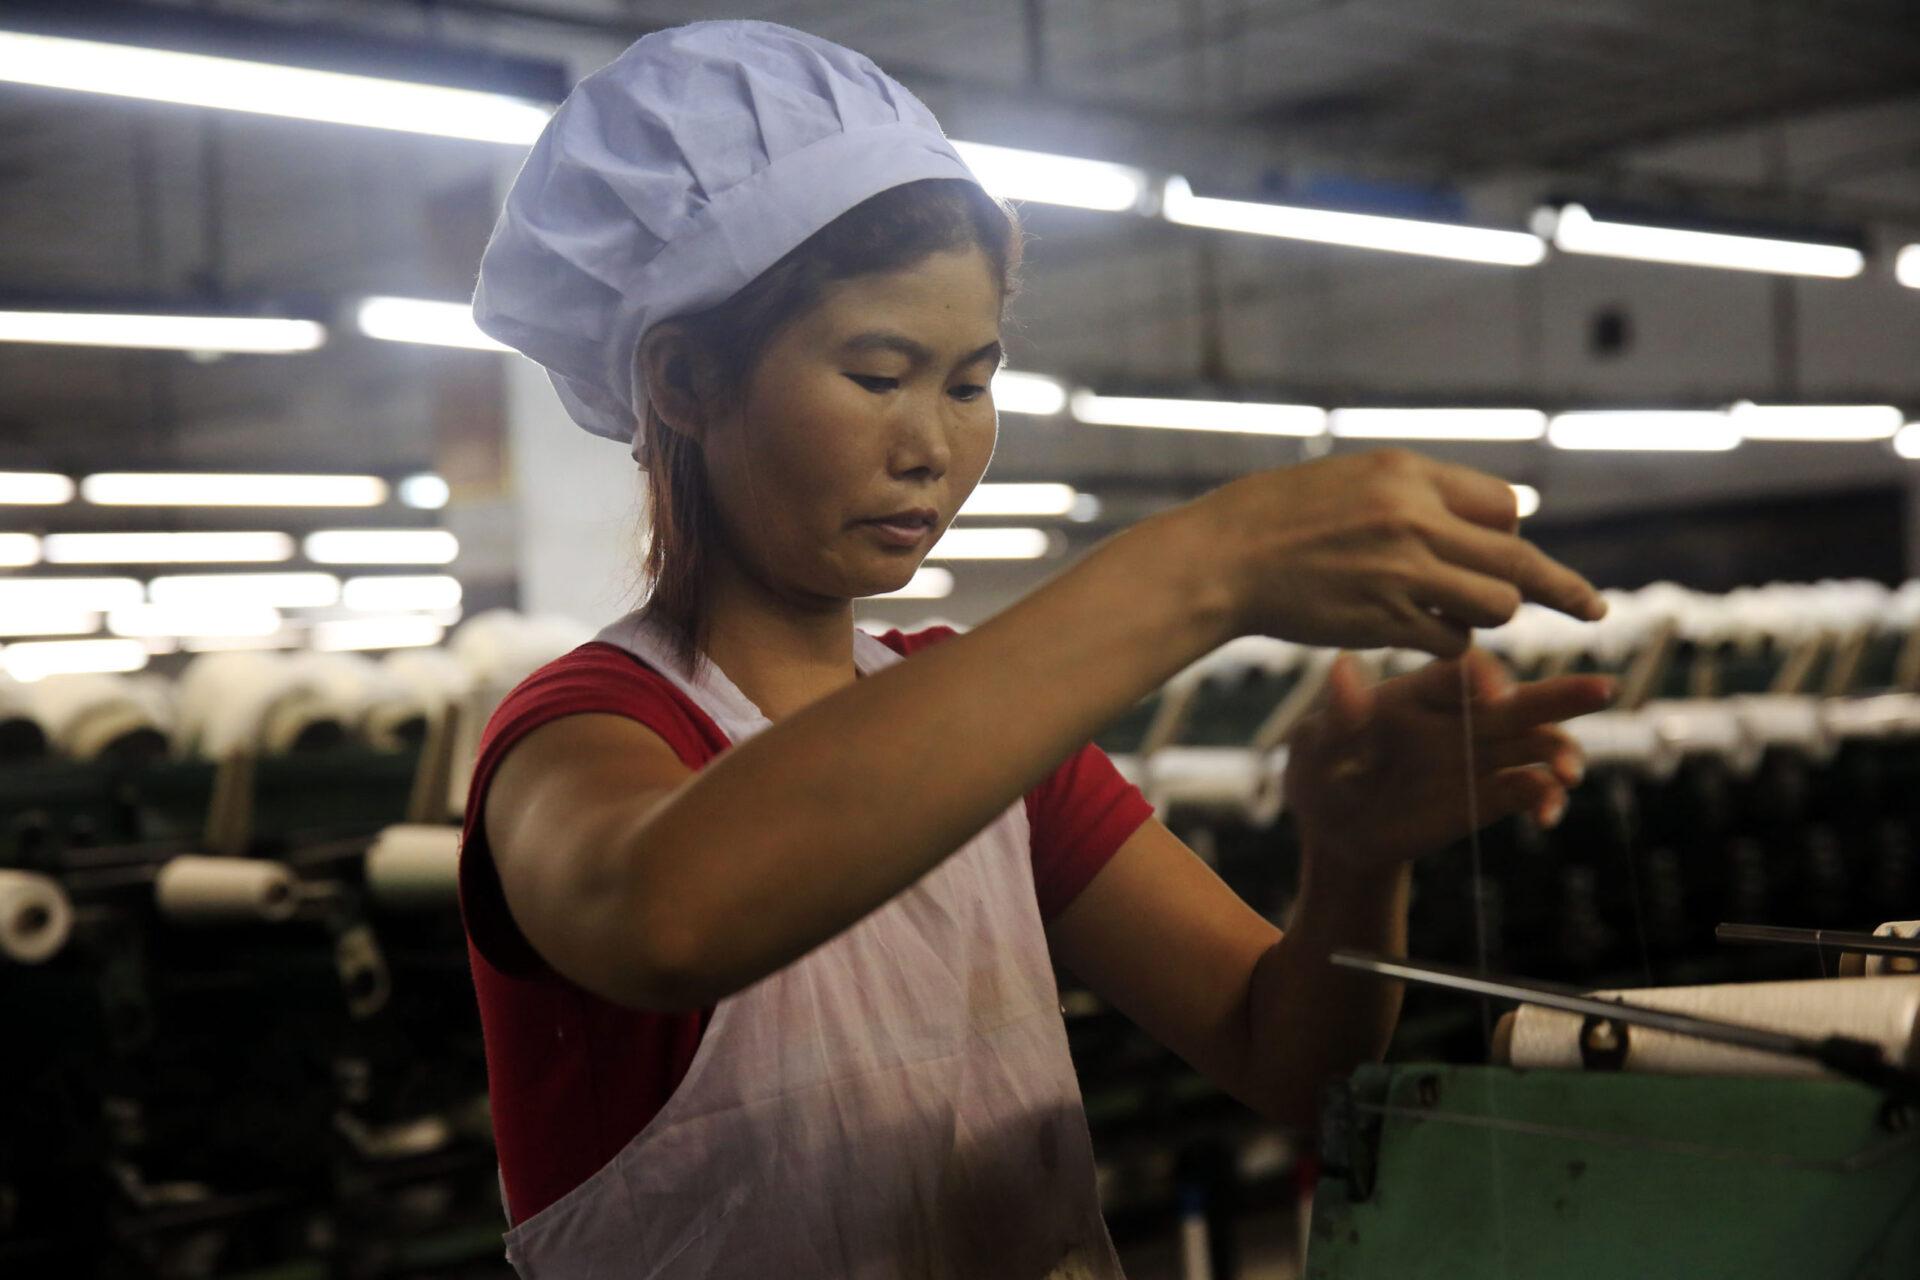 2020年春 ズバリこれから儲かるベトナムビジネス